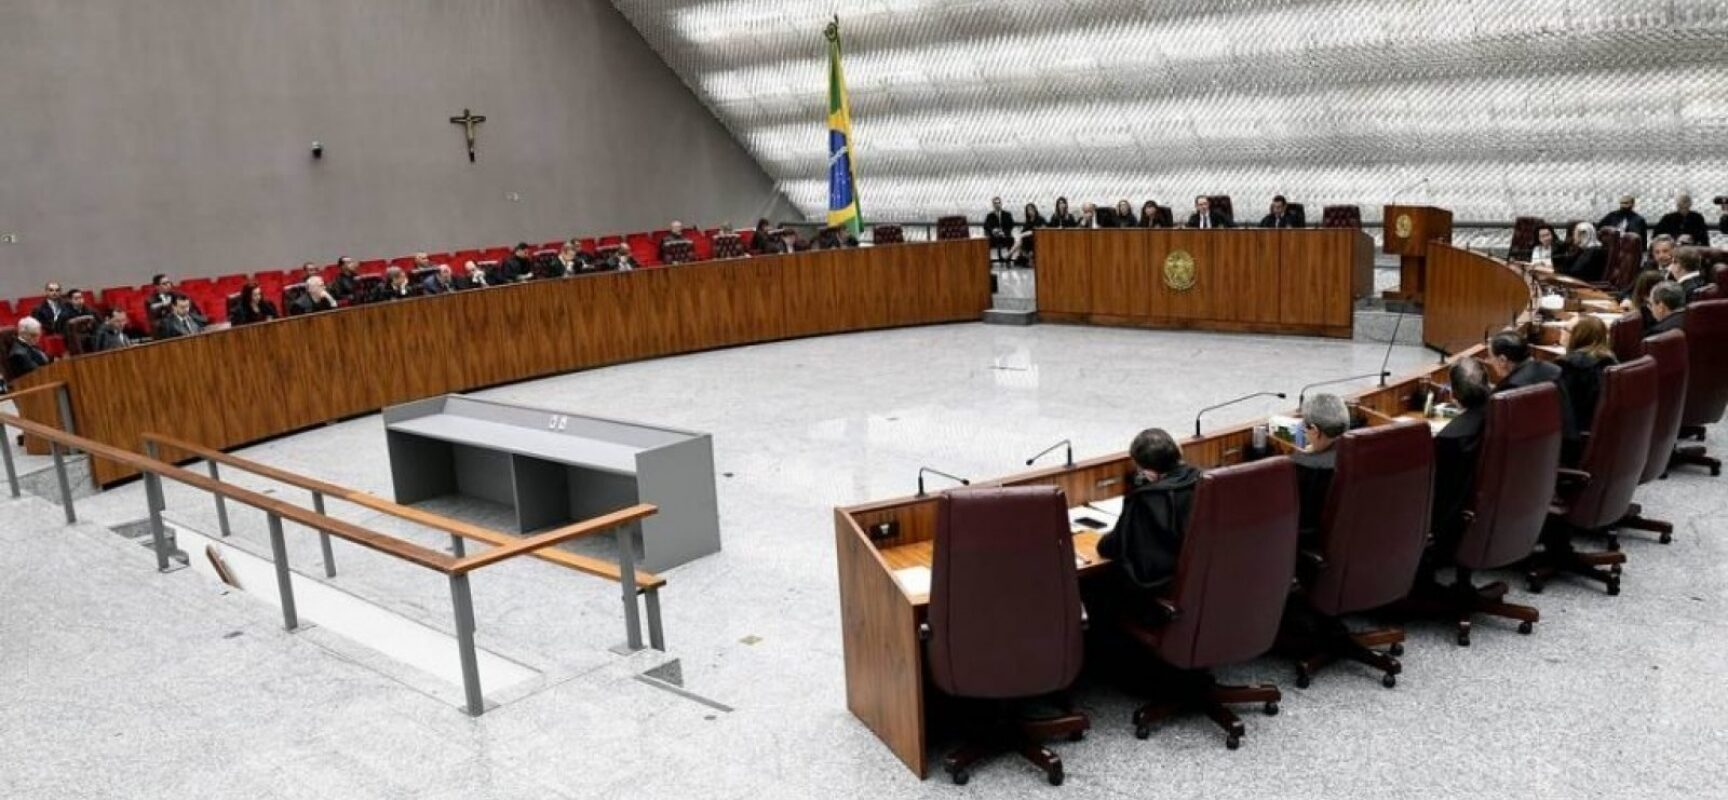 STJ absolve homem inocente após dois anos de condenação injusta, diz Defensoria